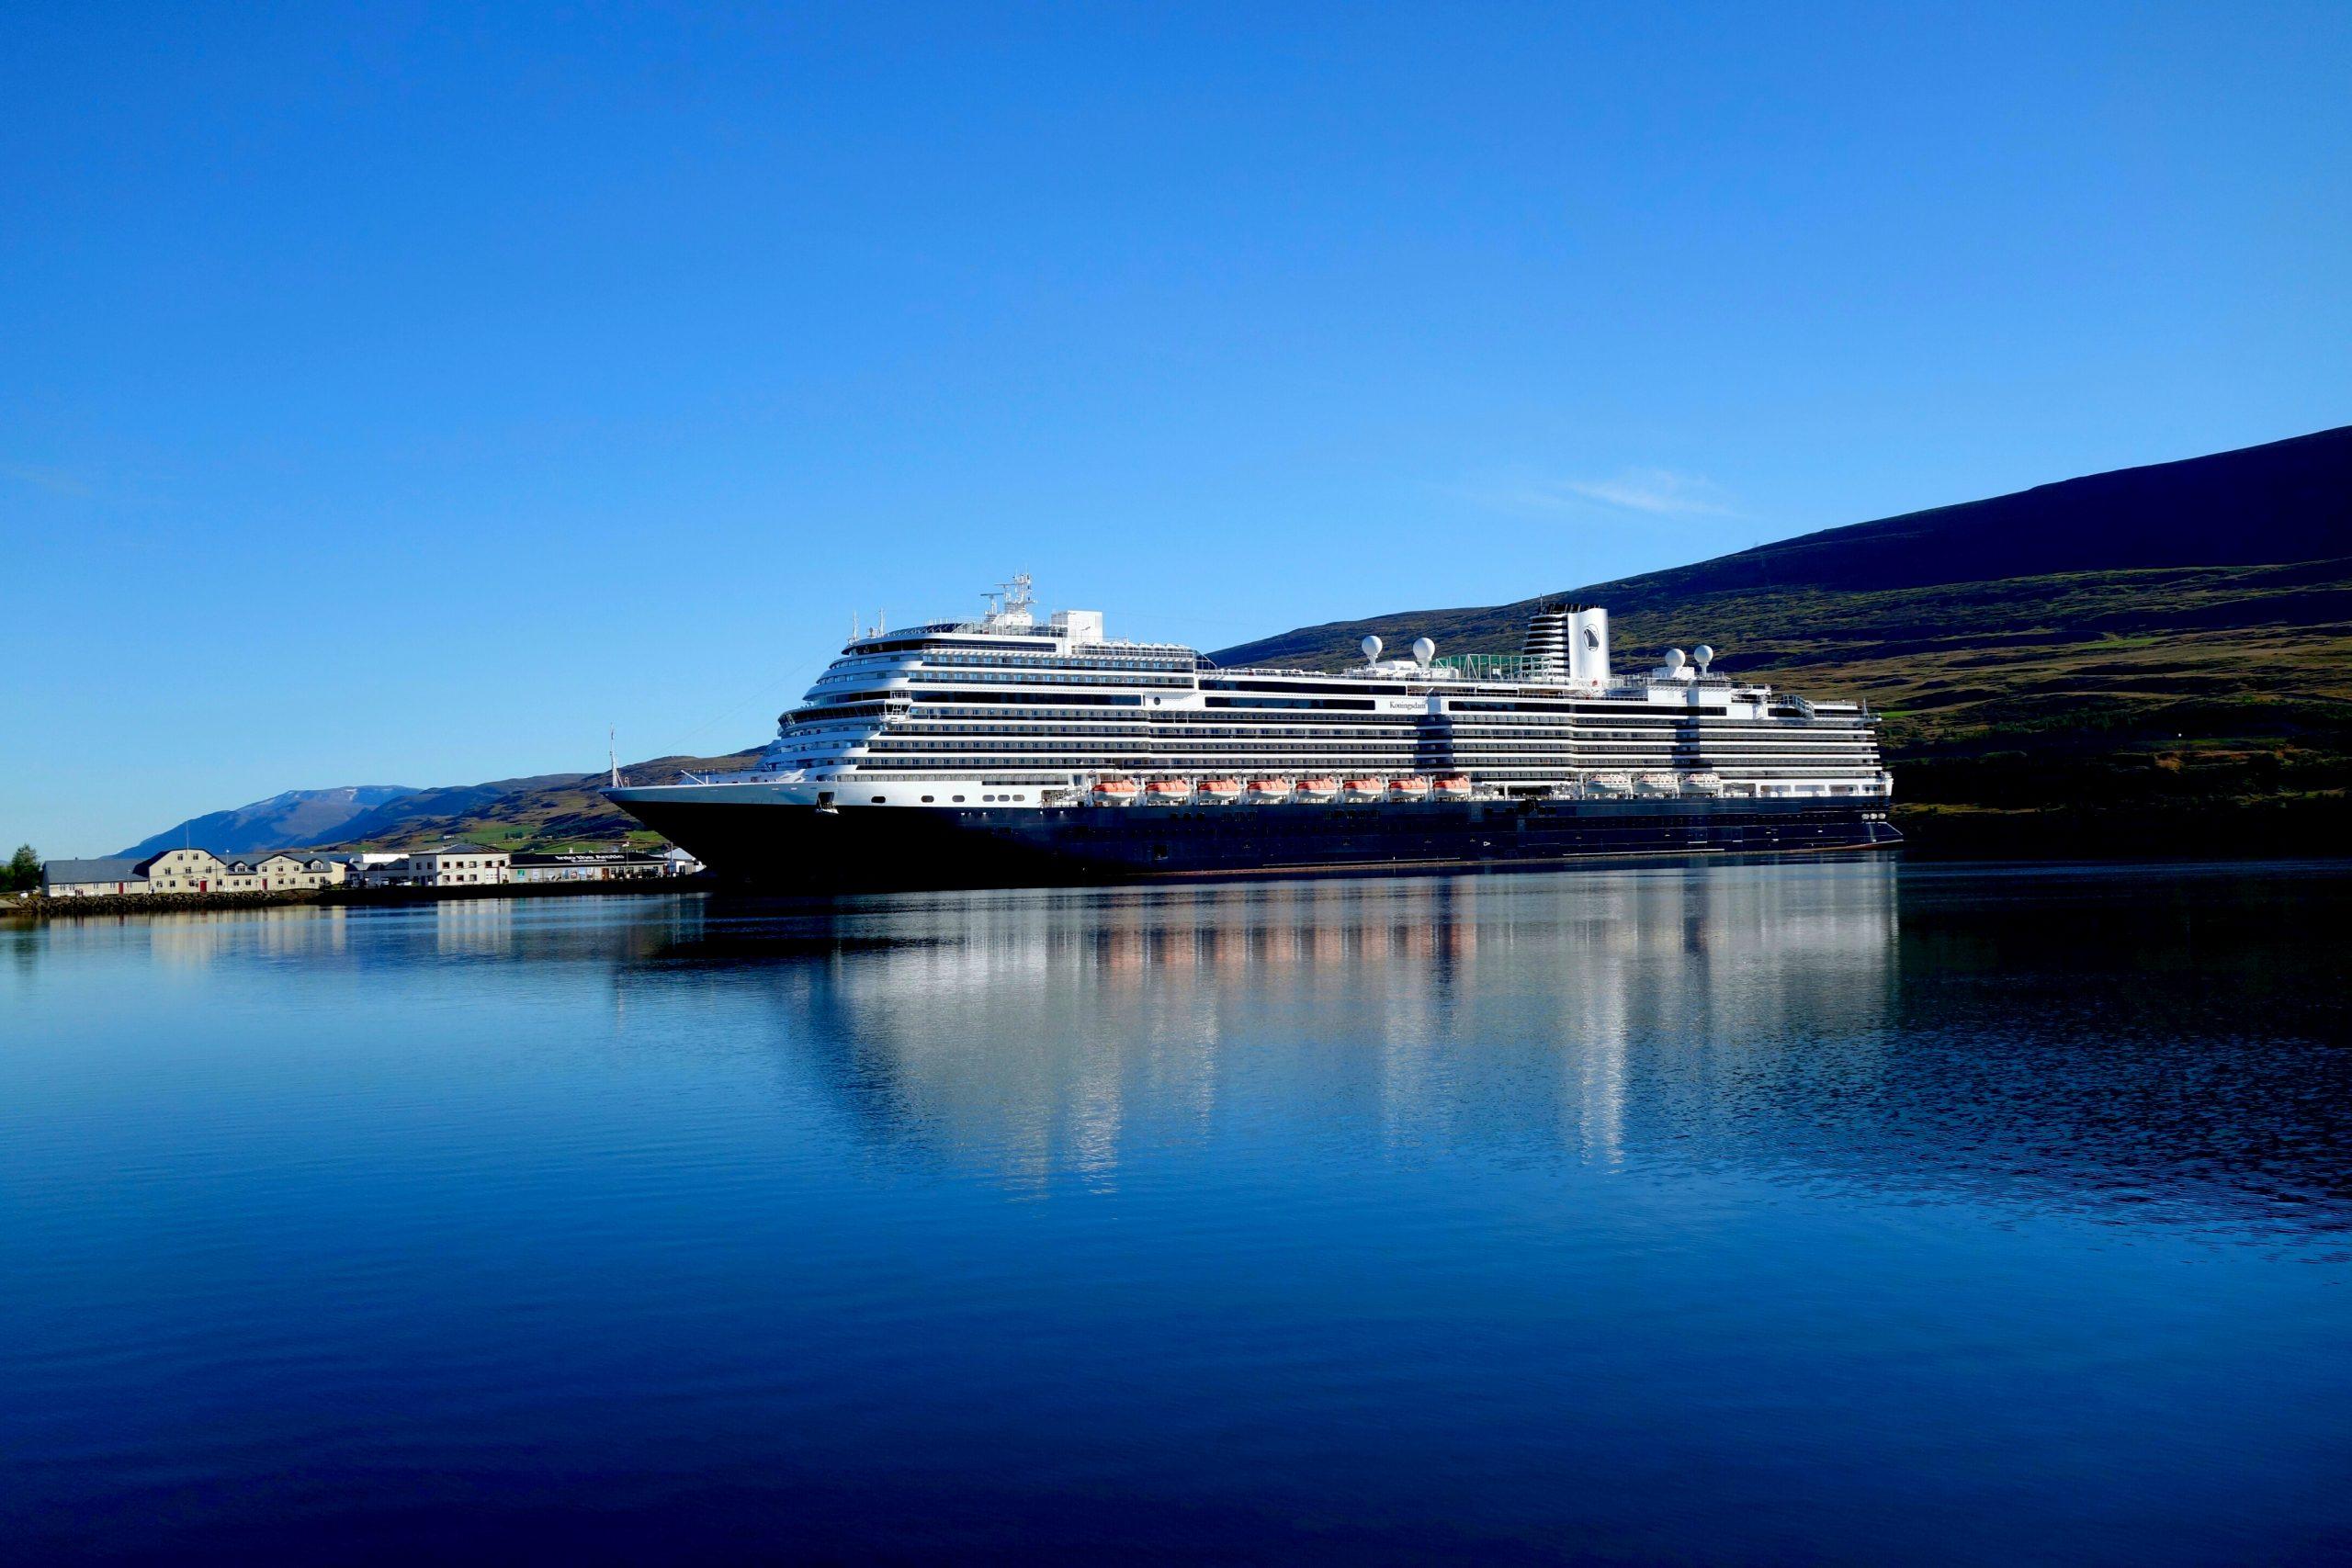 Buque atracado en Islandia - Los cruceros más populares de Islandia